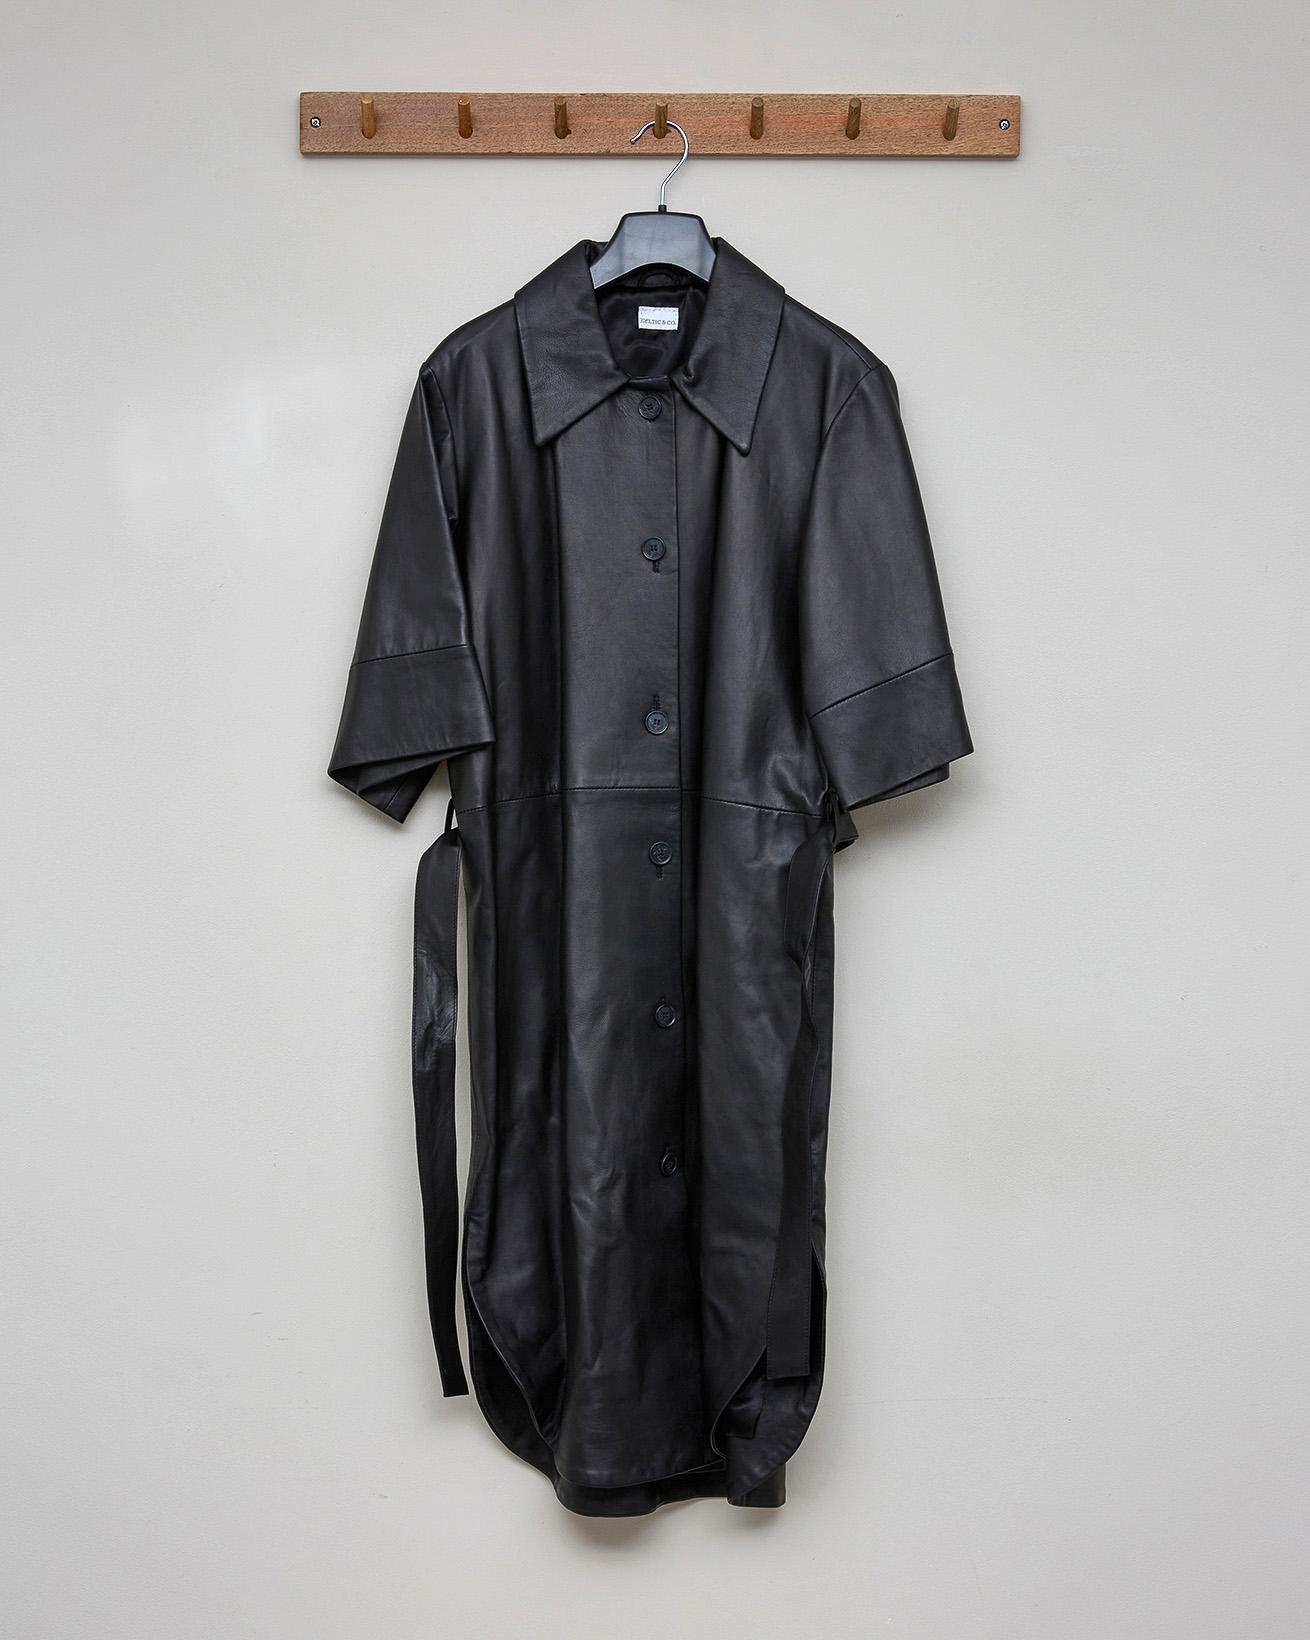 SHORT SLEEVE LEATHER SHIRT DRESS - BLACK - SIZE 10 - 2564